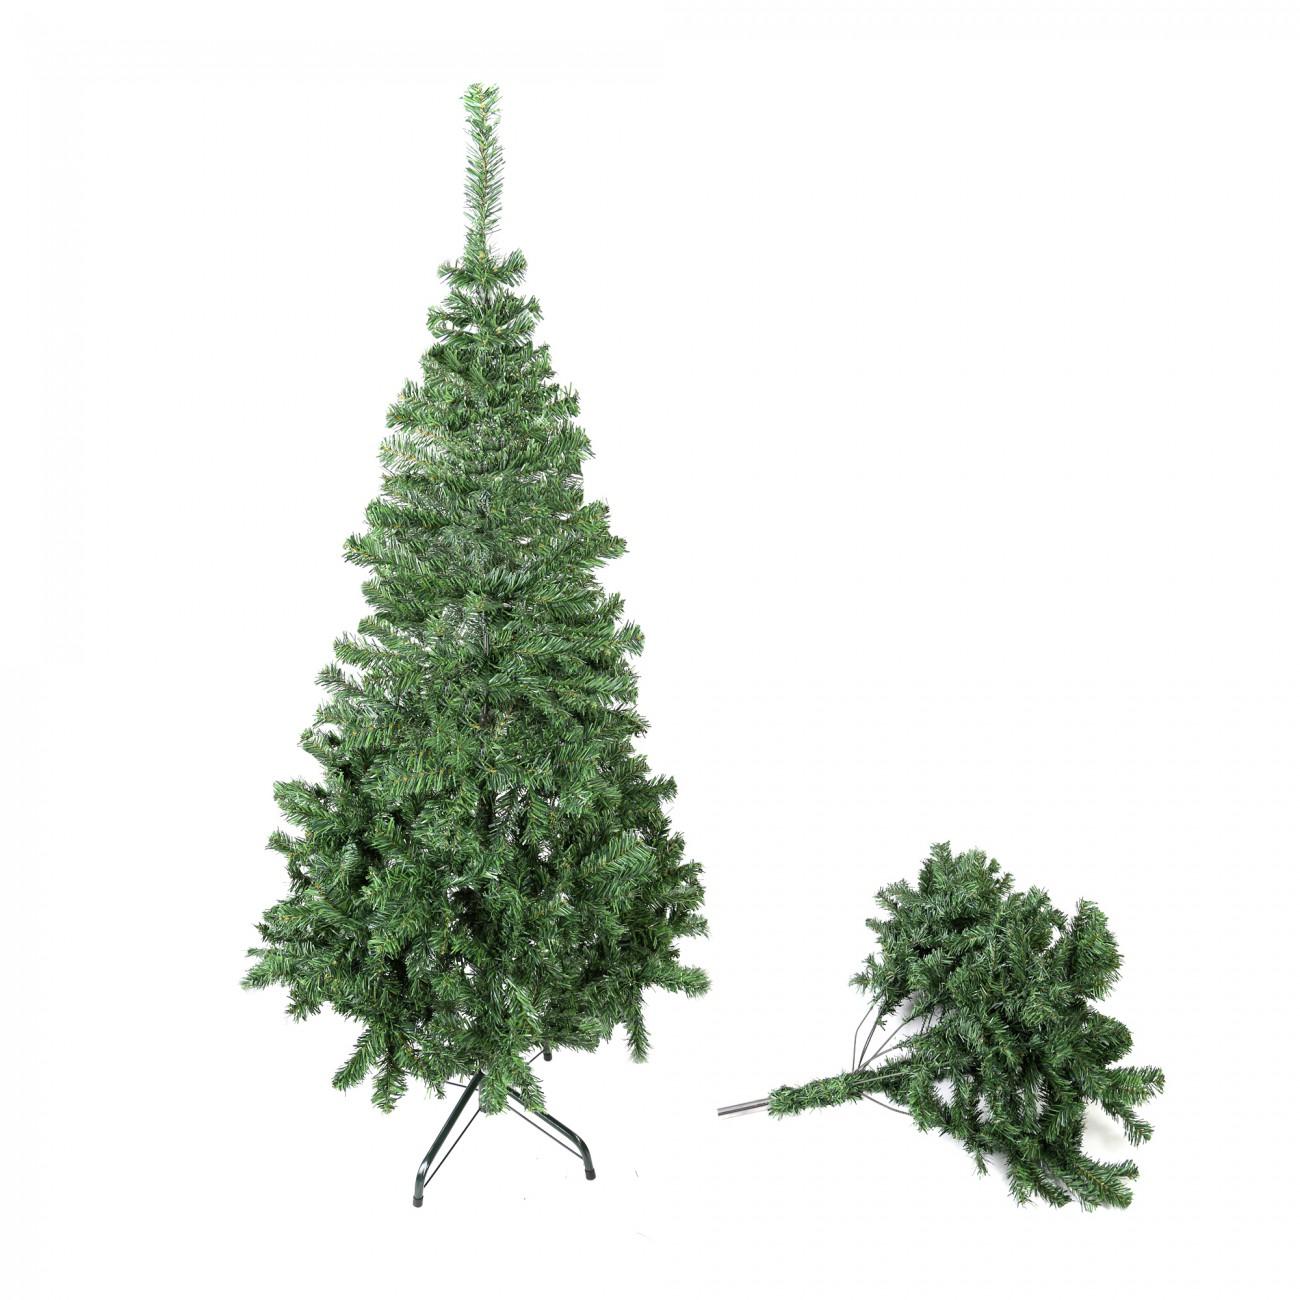 arbre de noel artificiel sapin sapin de noel plastique arbre 210 cm ma trading ebay. Black Bedroom Furniture Sets. Home Design Ideas